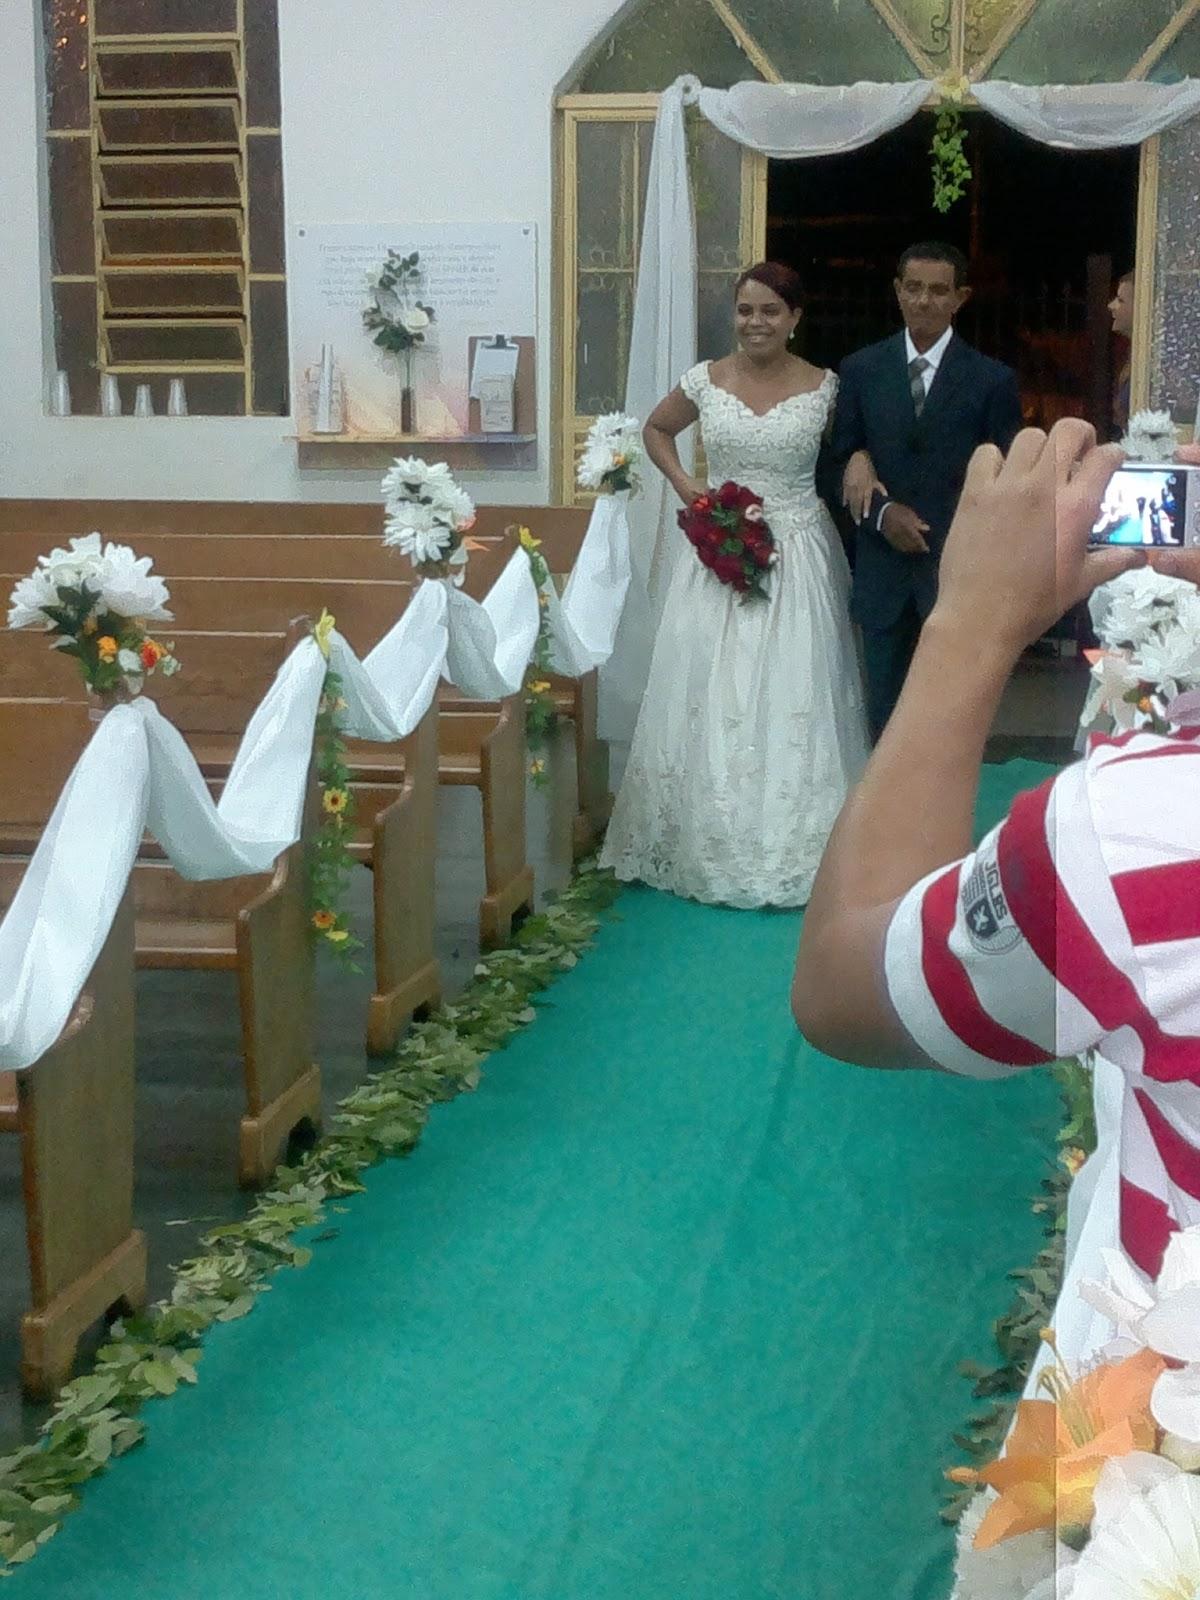 Excel u00eancia Cerimonial Janeiro 2013 -> Decoracao De Tnt Casamento